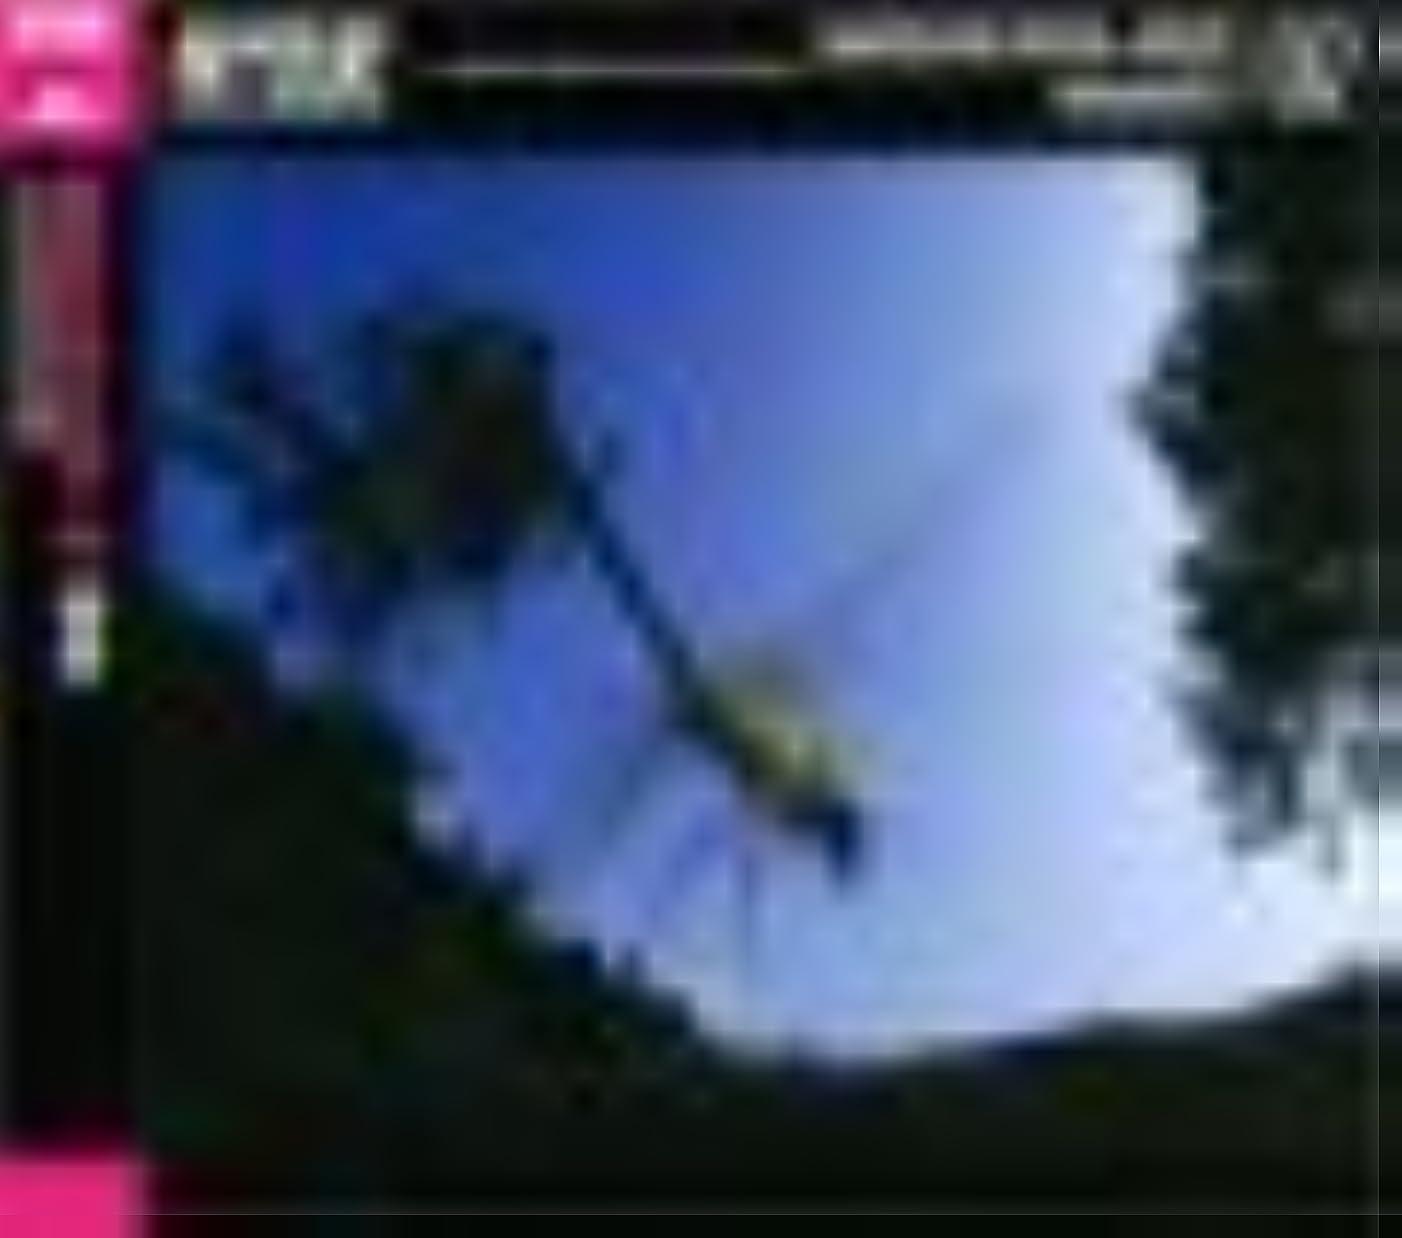 炭水化物コカインパッケージ驚異的な虫の世界 02 蜻蛉